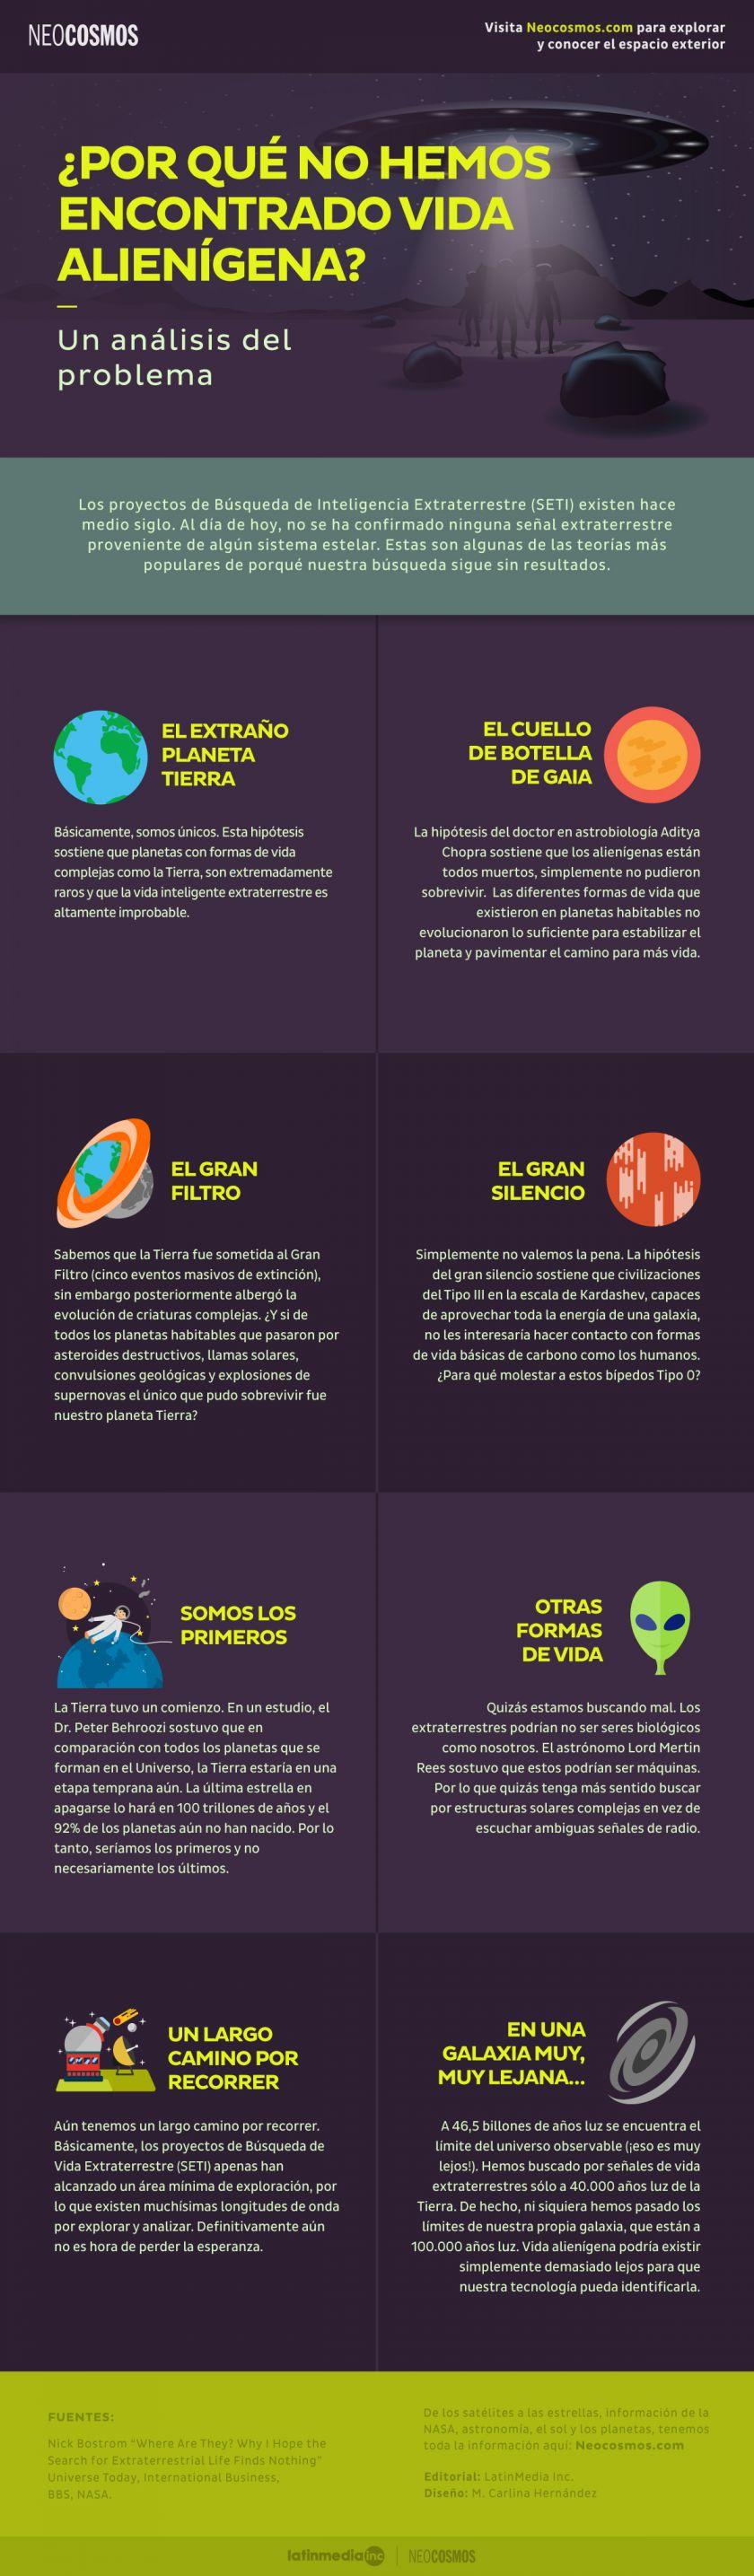 ¿por qué no hemos encontrado vida alienígena?